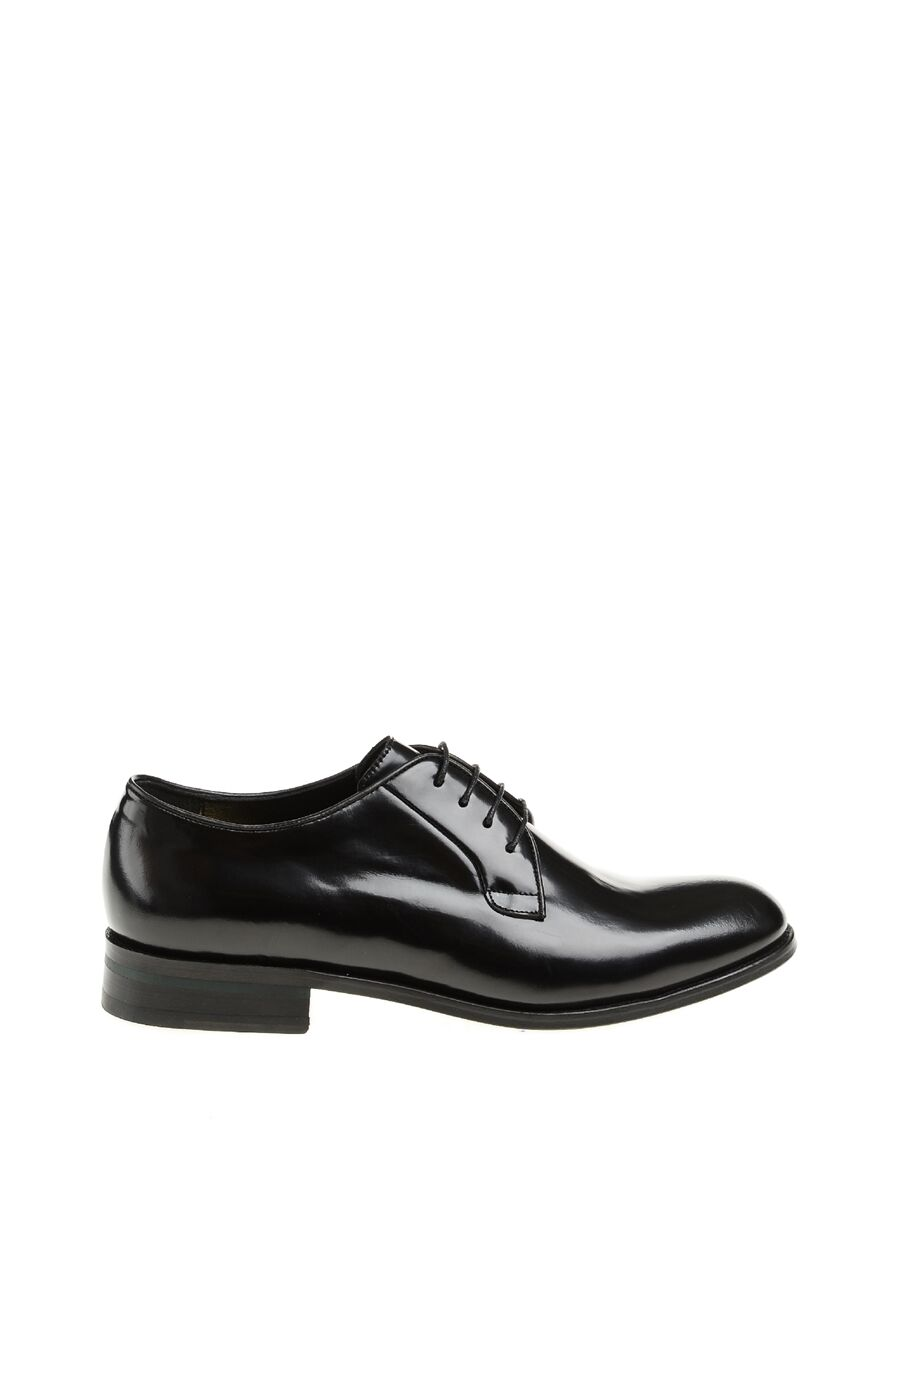 Siyah Bağcıklı Ayakkabı